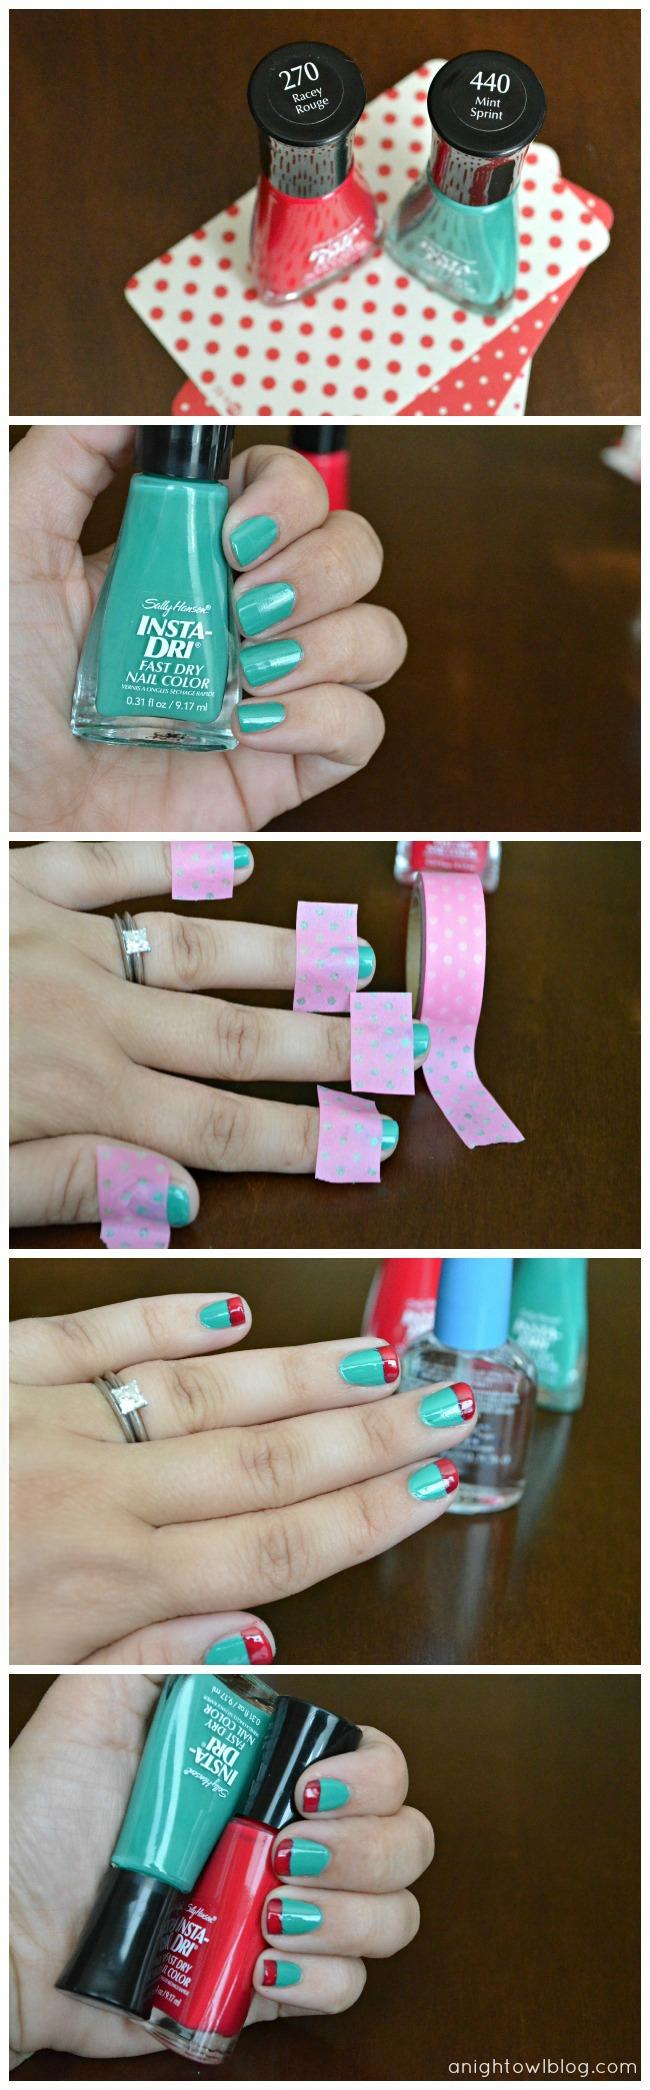 I Heart Nail Art Glitter Kit How To Use 75